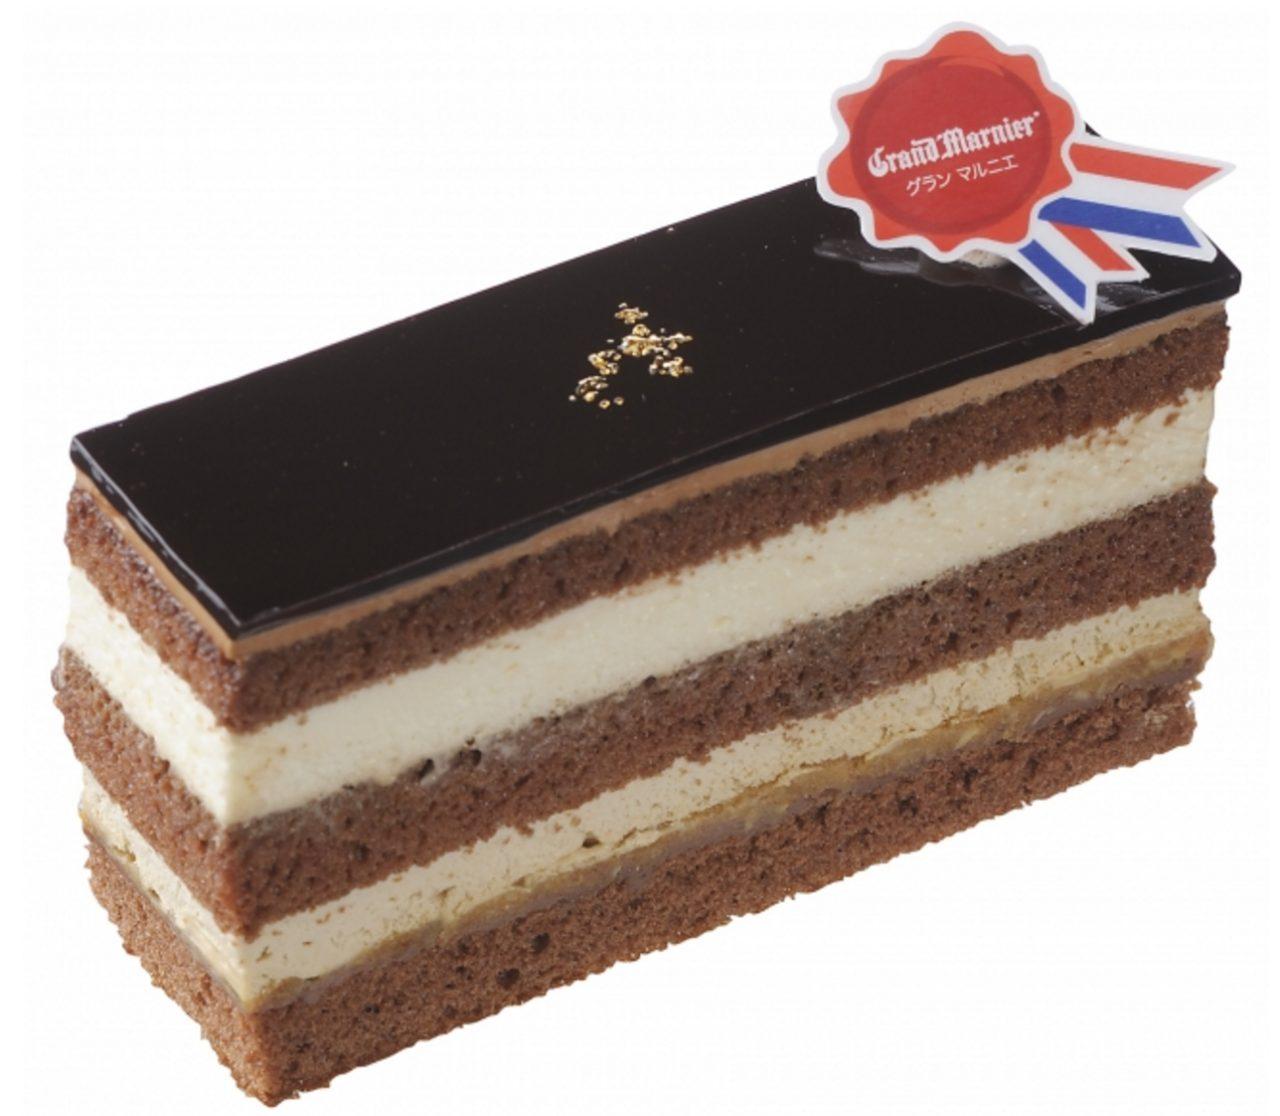 画像: 商品名:「ティラミスオペラ」 価 格: ¥480(税込¥518) 特 長: ココアスポンジでフランス産グラン マルニエ入りのコーヒーシロップとチーズ生クリーム、コーヒー生クリームをサンド。グラサージュショコラで華やかに仕上げました。ミルクチョコガナッシュとアーモンド入りホワイトチョコクランチの食感がアクセントになっています。 ※販売期間/2015年11月13日~12月10日頃